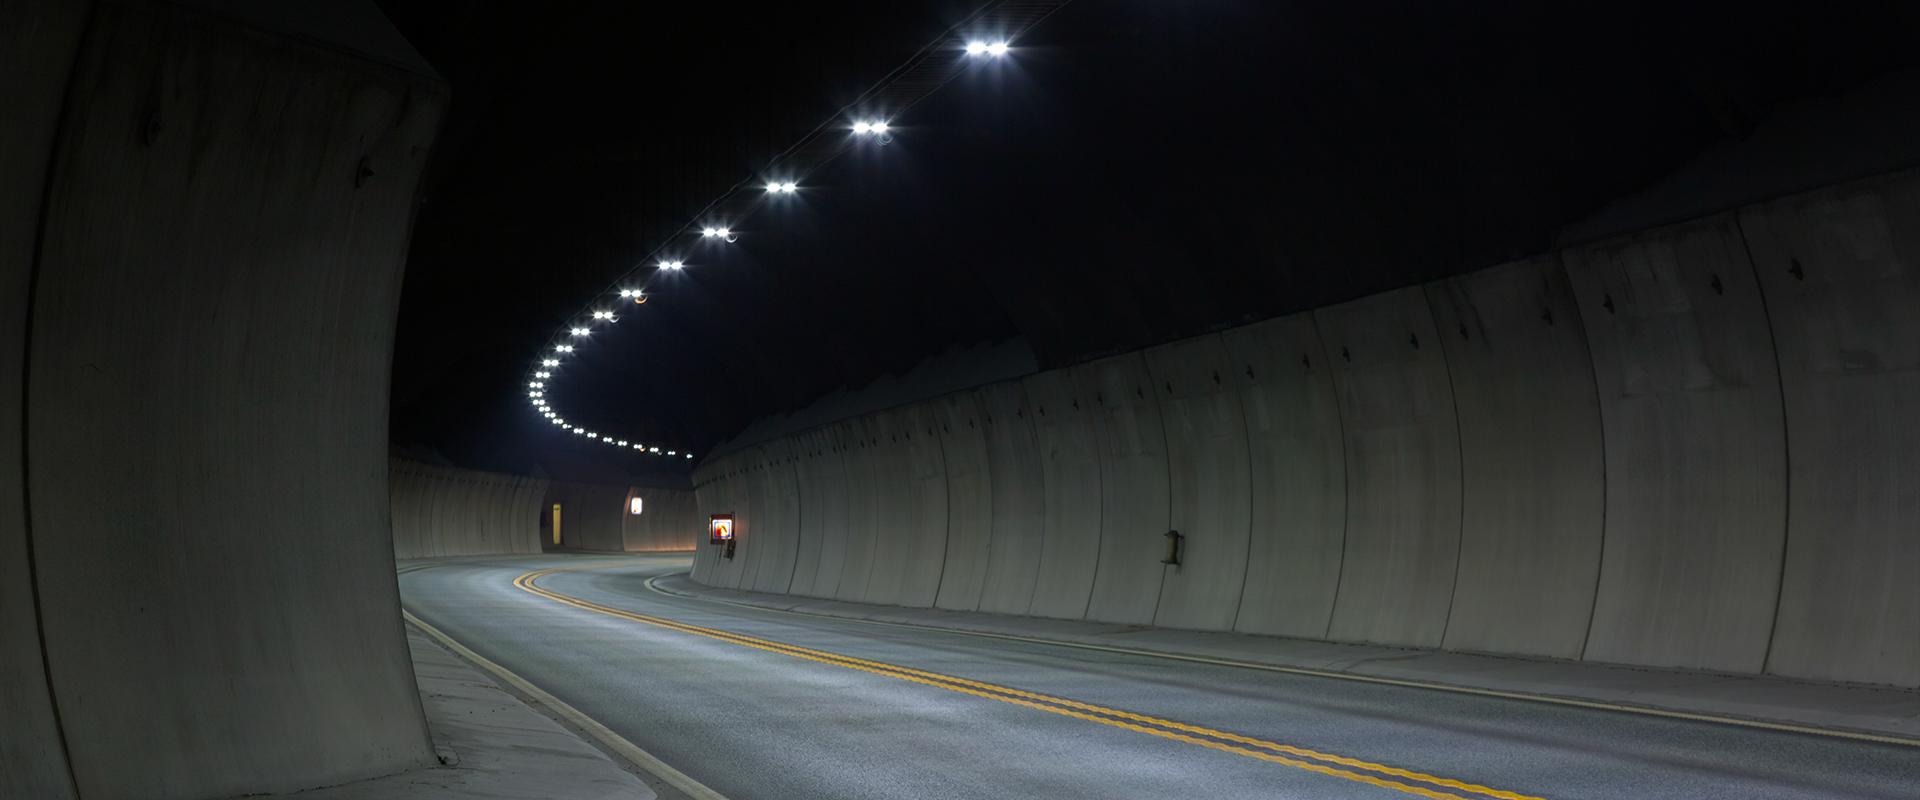 Faro per illuminazione di tunnel